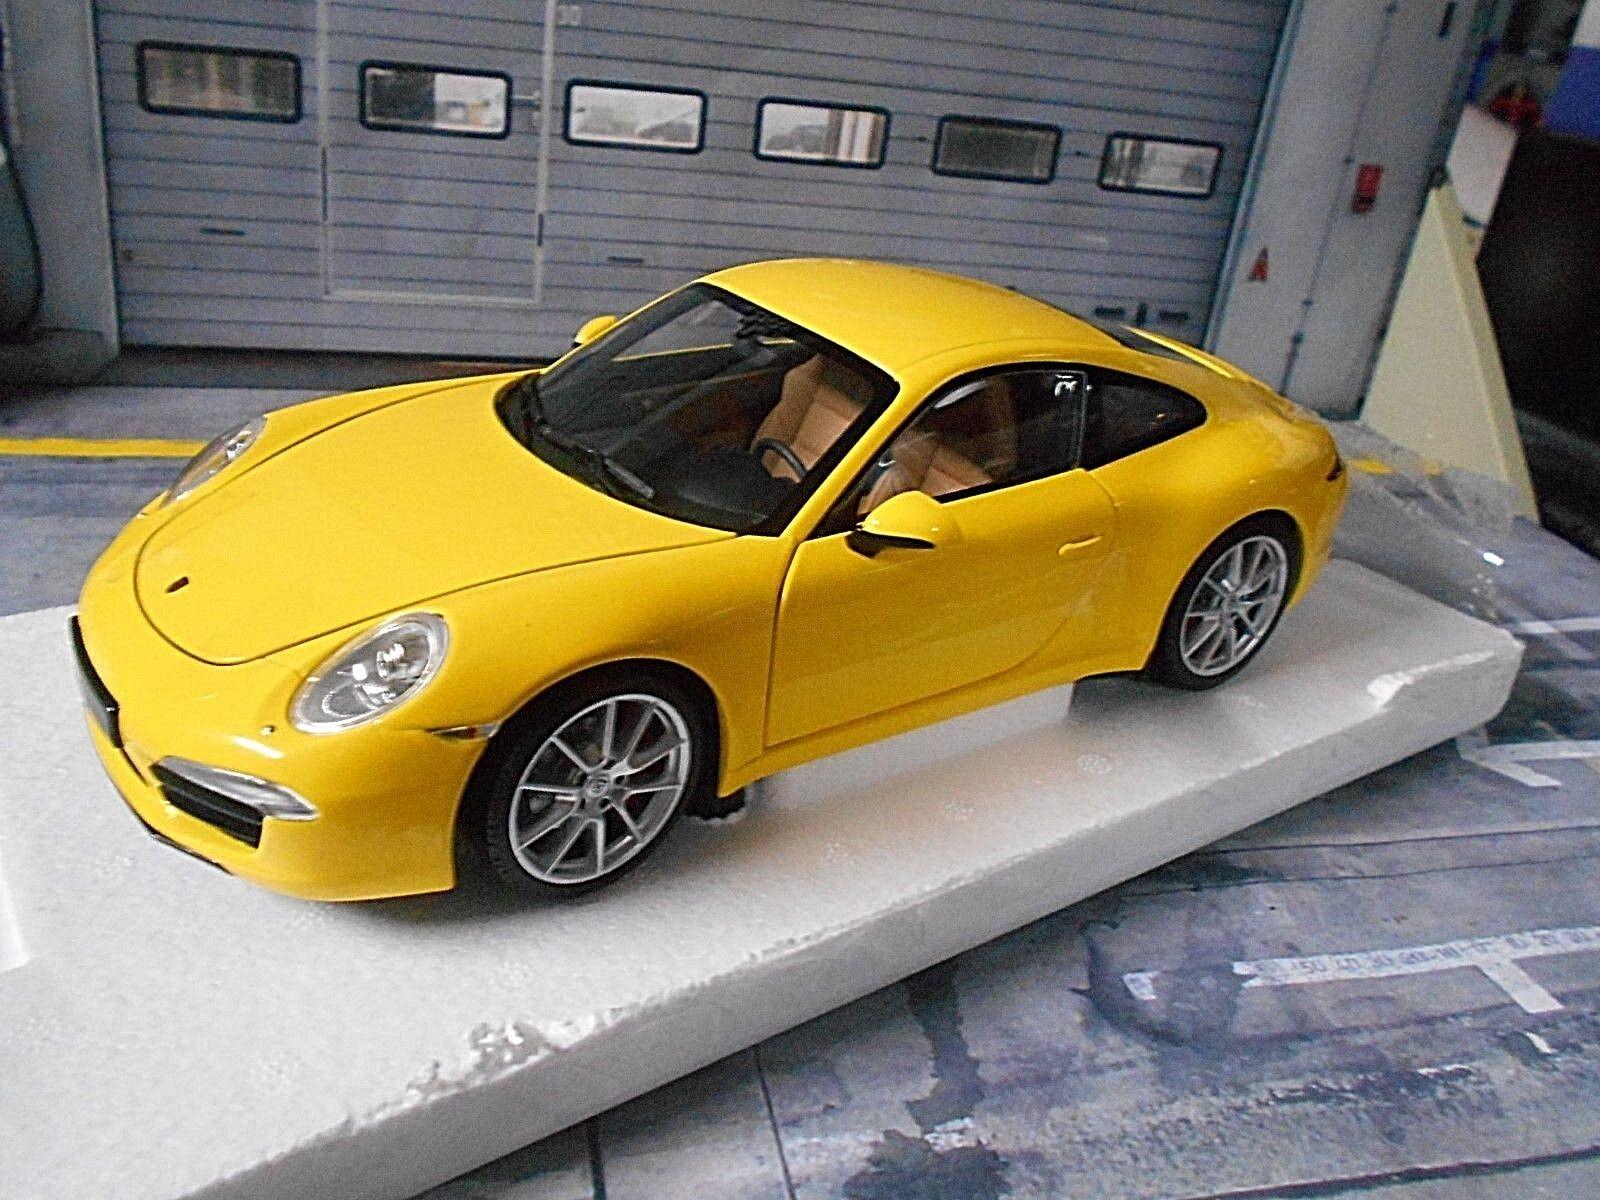 PORSCHE 911 991 Carrera S Coupe 2011 GIALLO giallo RARE MINICHAMPS 1:18